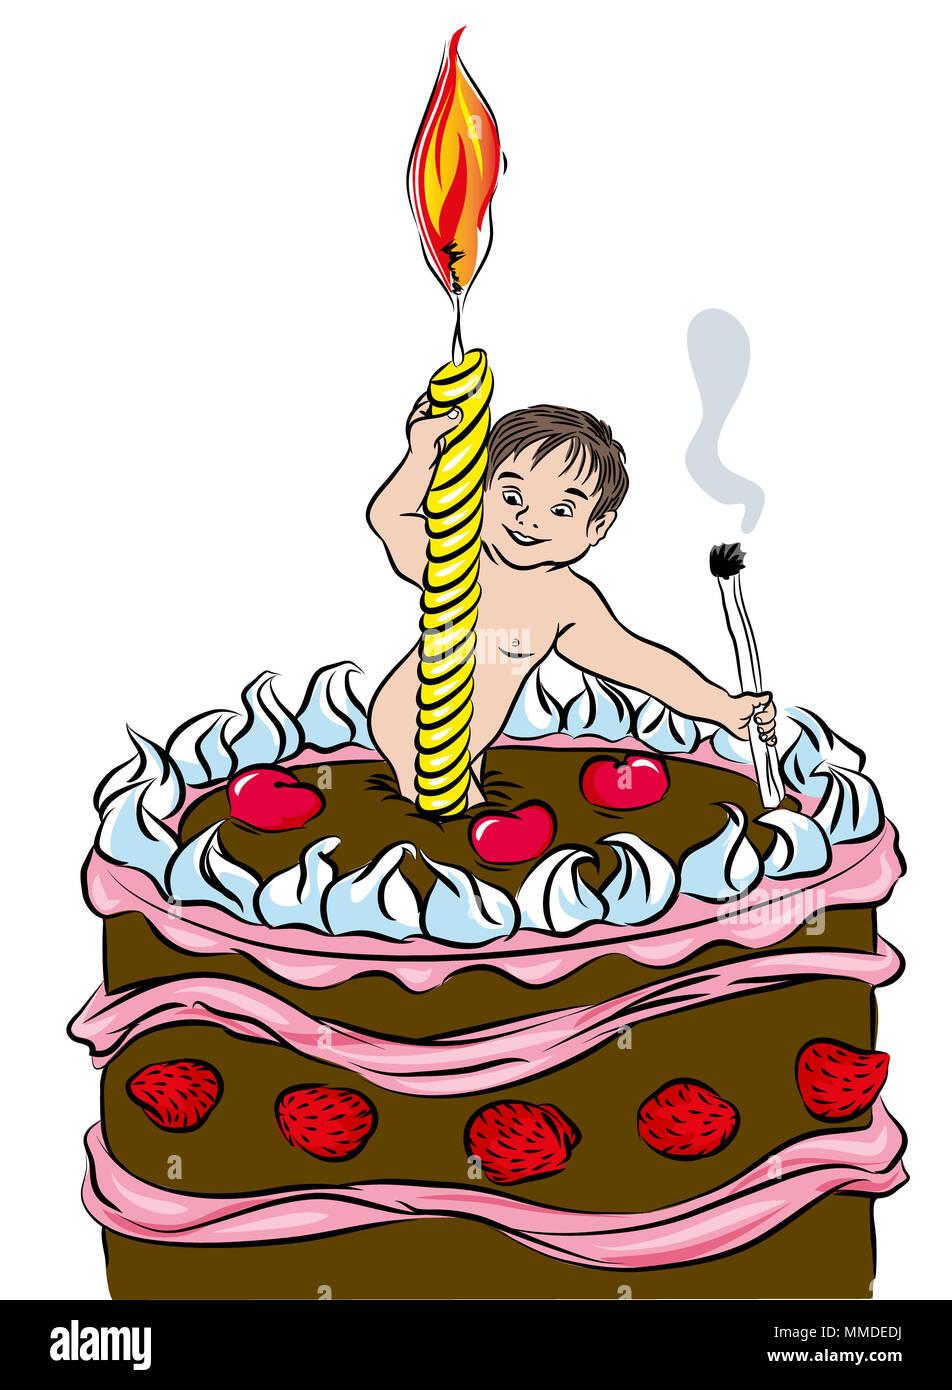 Der Erste Geburtstag Kuchen Glucklicher Erster Geburtstagskuchen